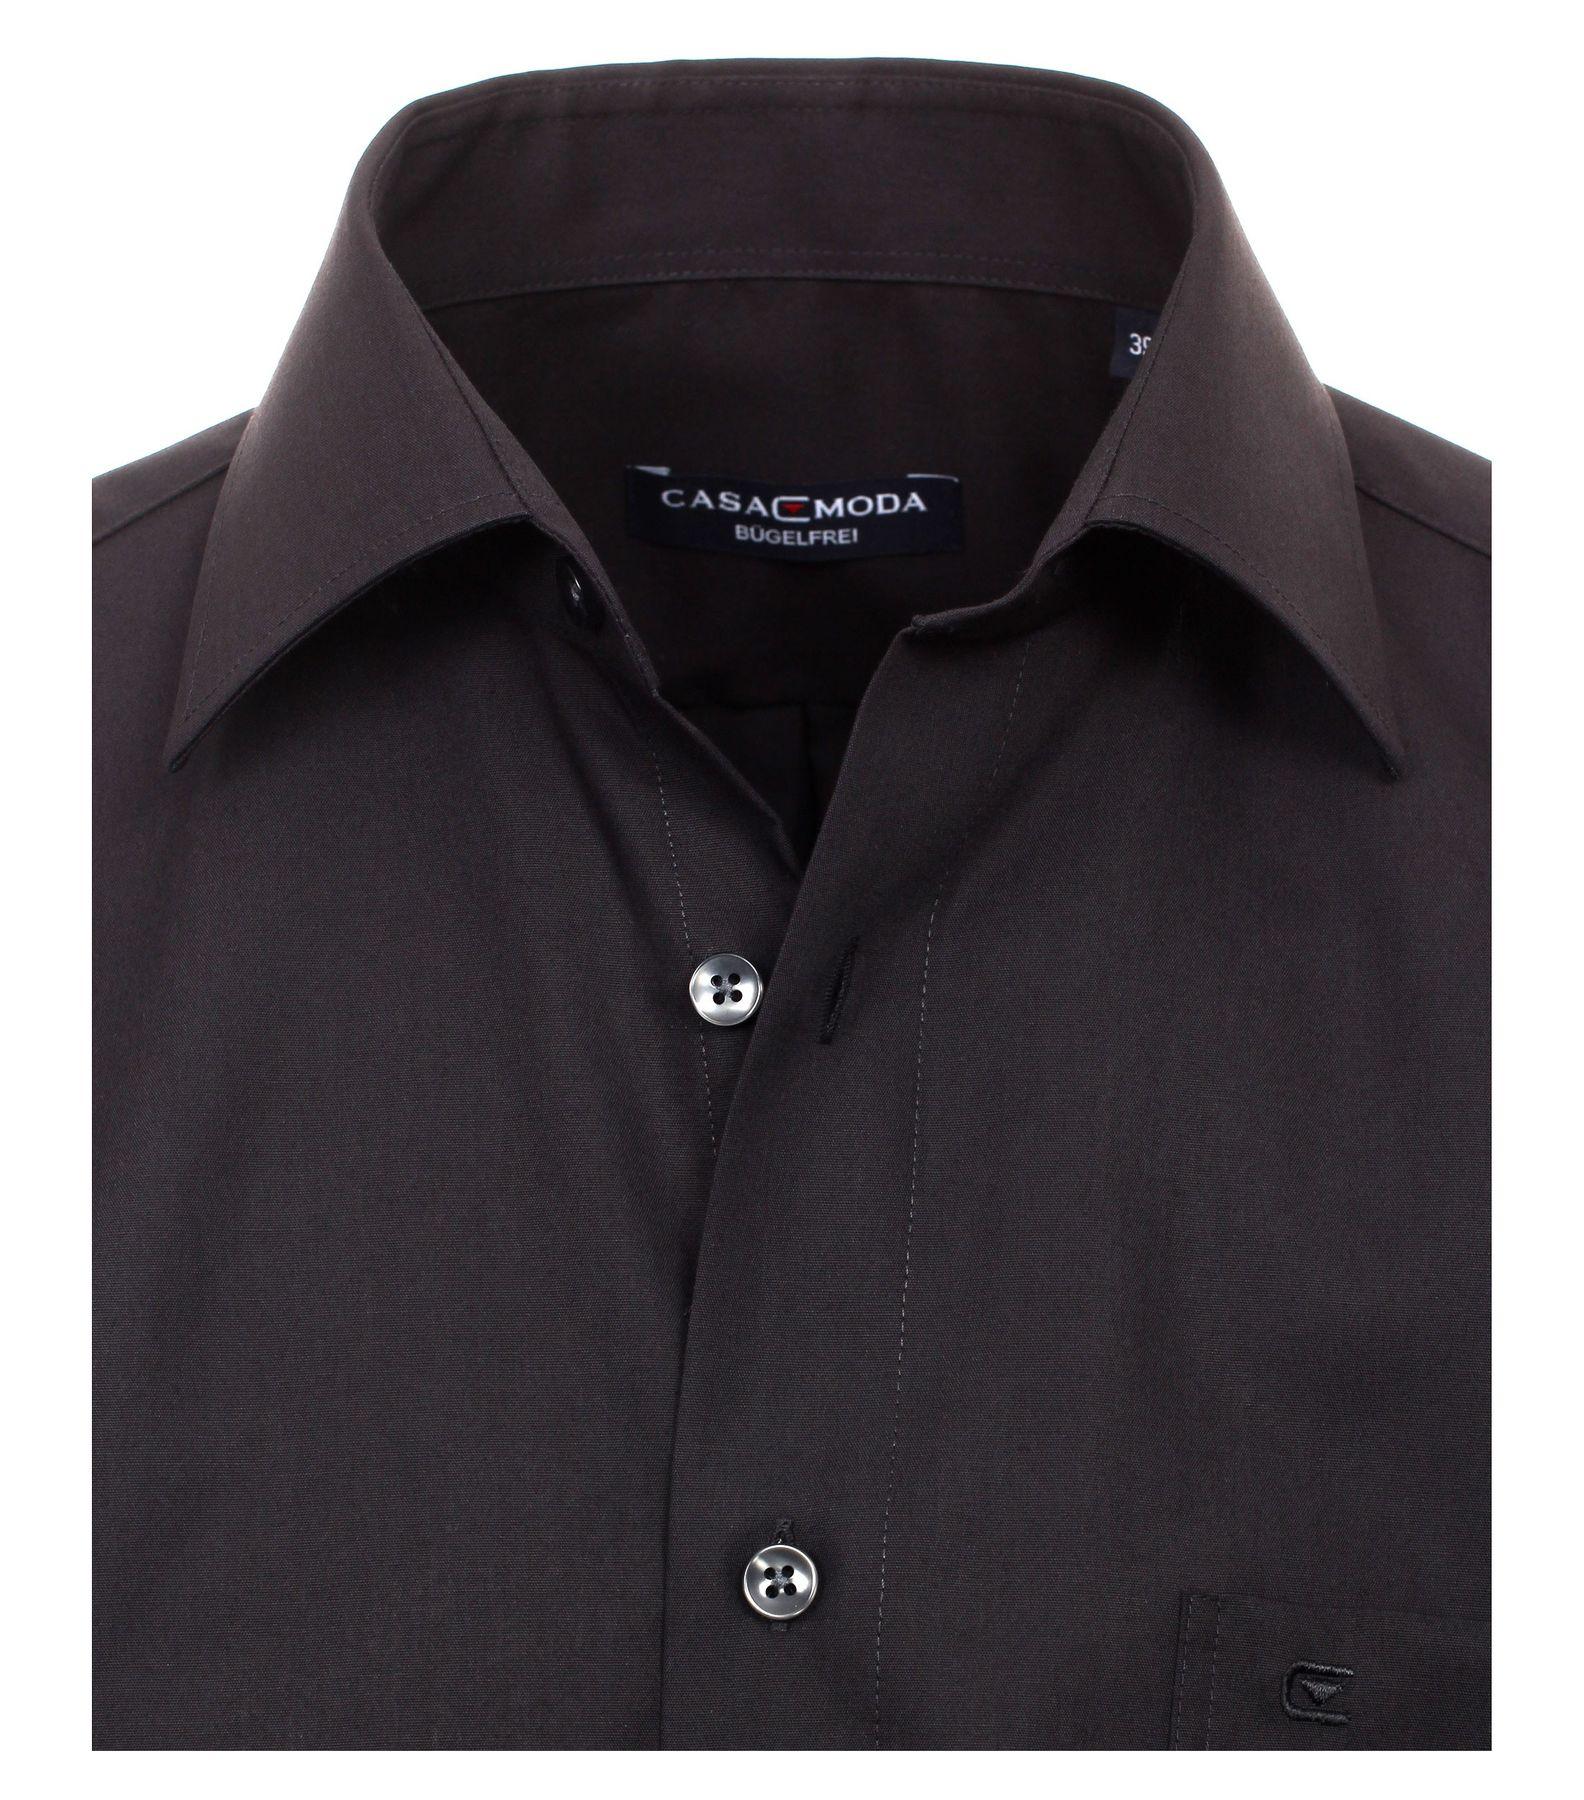 Casa Moda - Comfort Fit - Bügelfreies Herren Business langarm Hemd verschiedene Farben (006050) – Bild 24